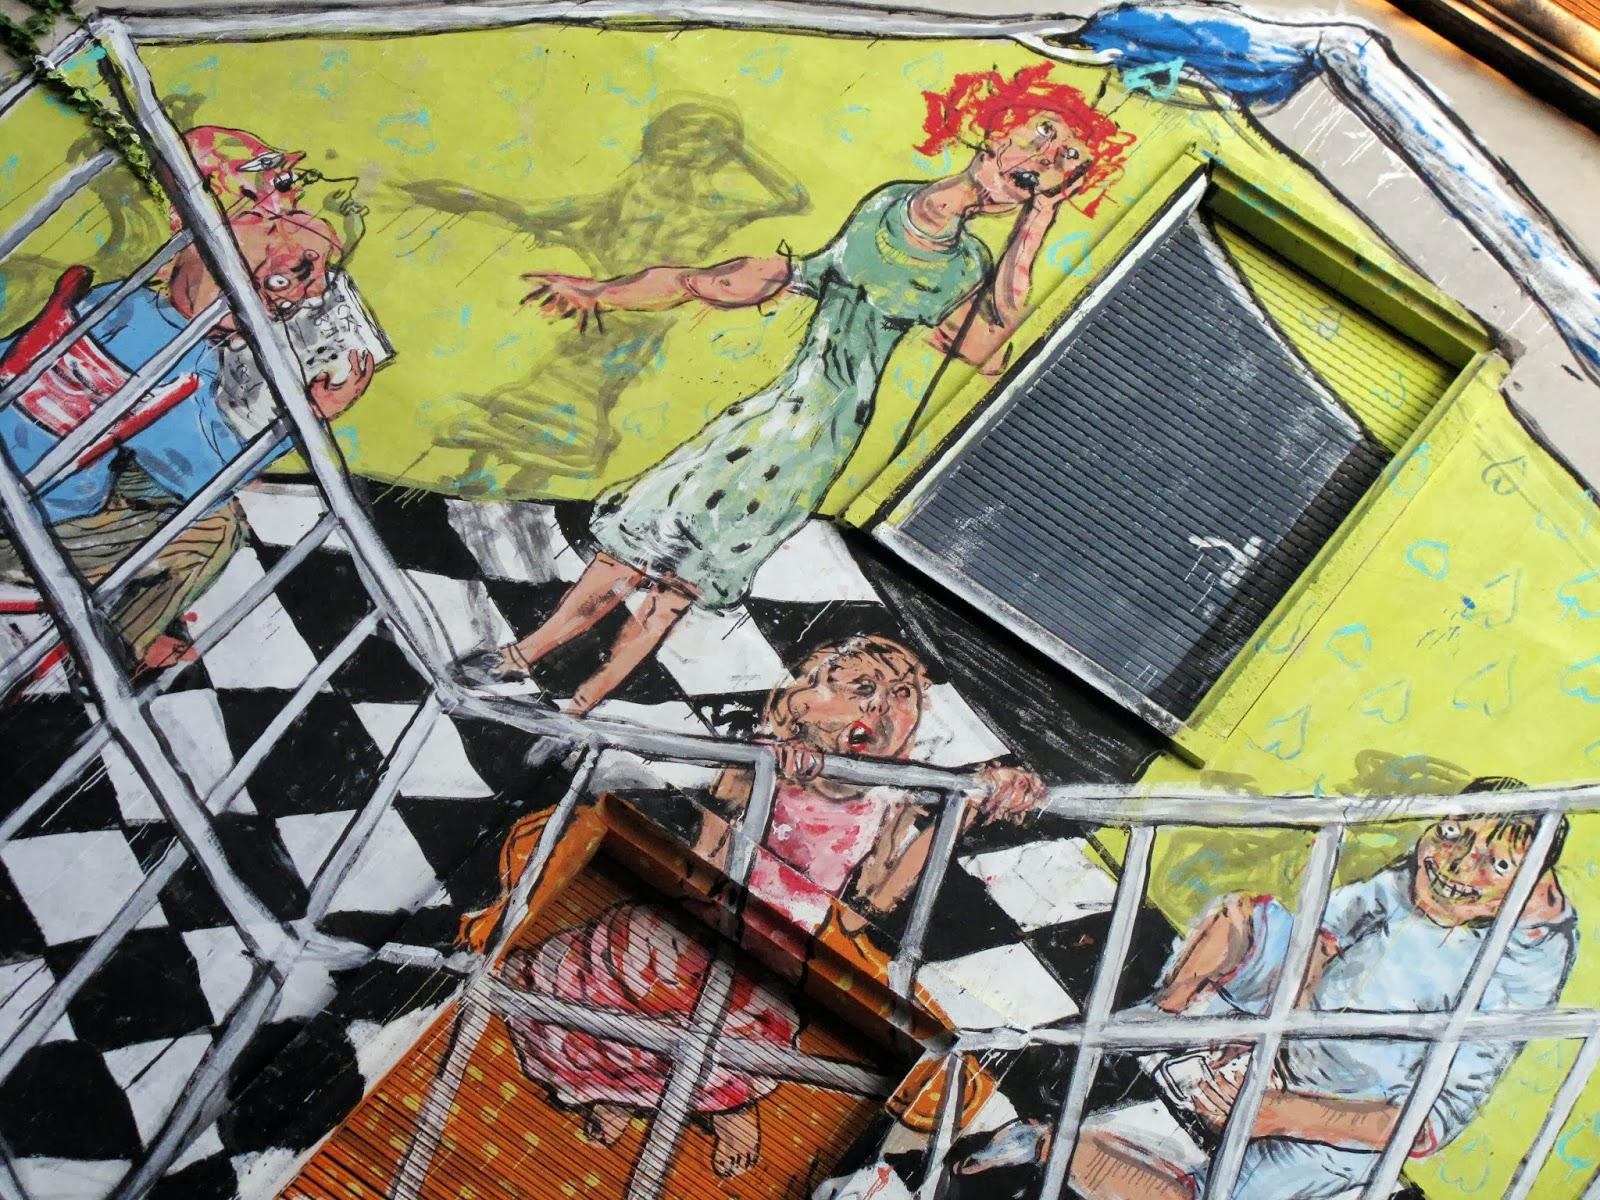 emajons-new-mural-at-spazio-mutuo-soccorso-02